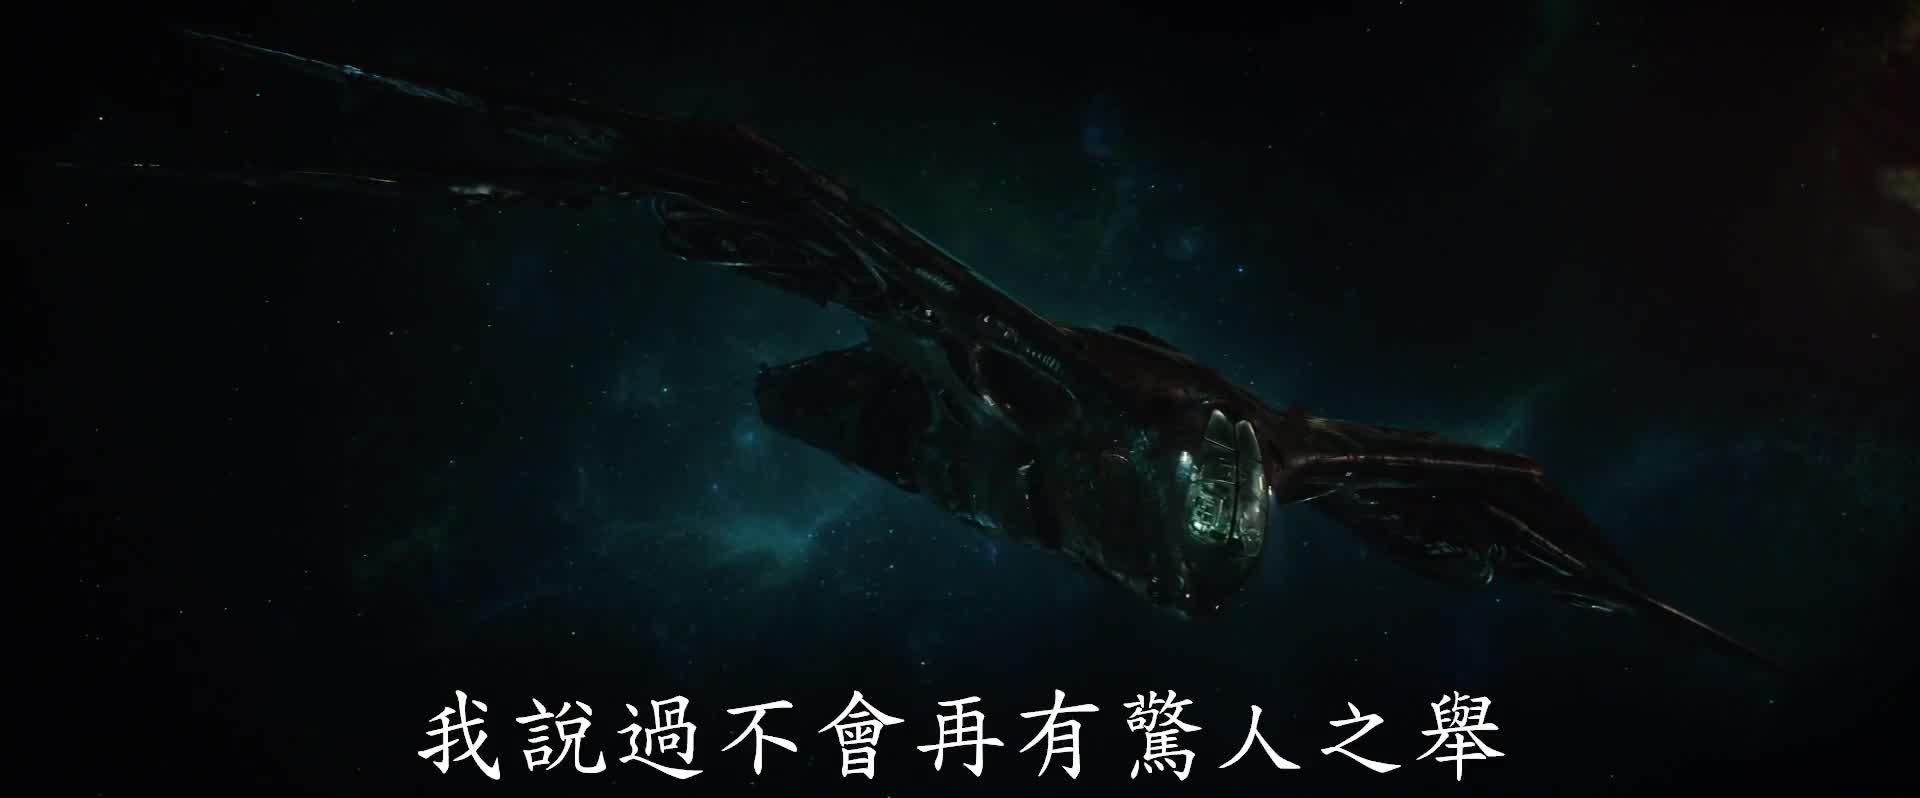 复仇者联盟4预告集锦,一次看个过瘾!!!